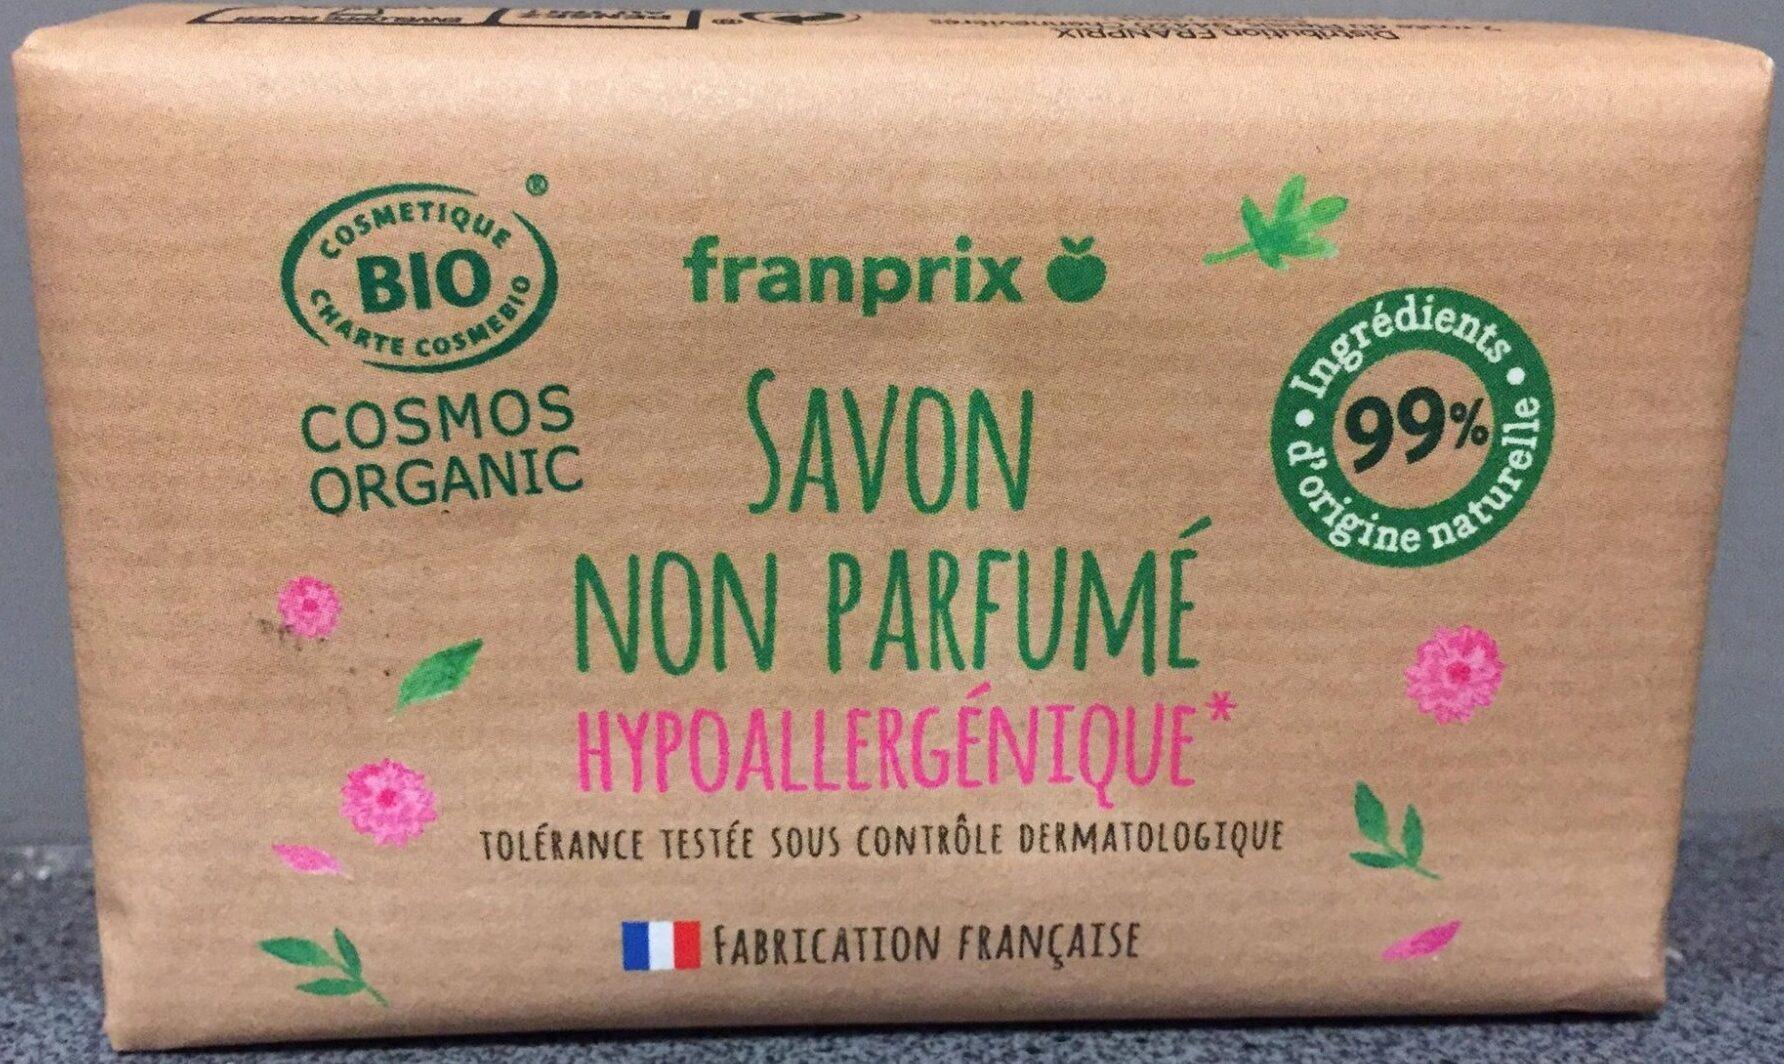 Savon non parfumé hypoallergénique - Product - fr